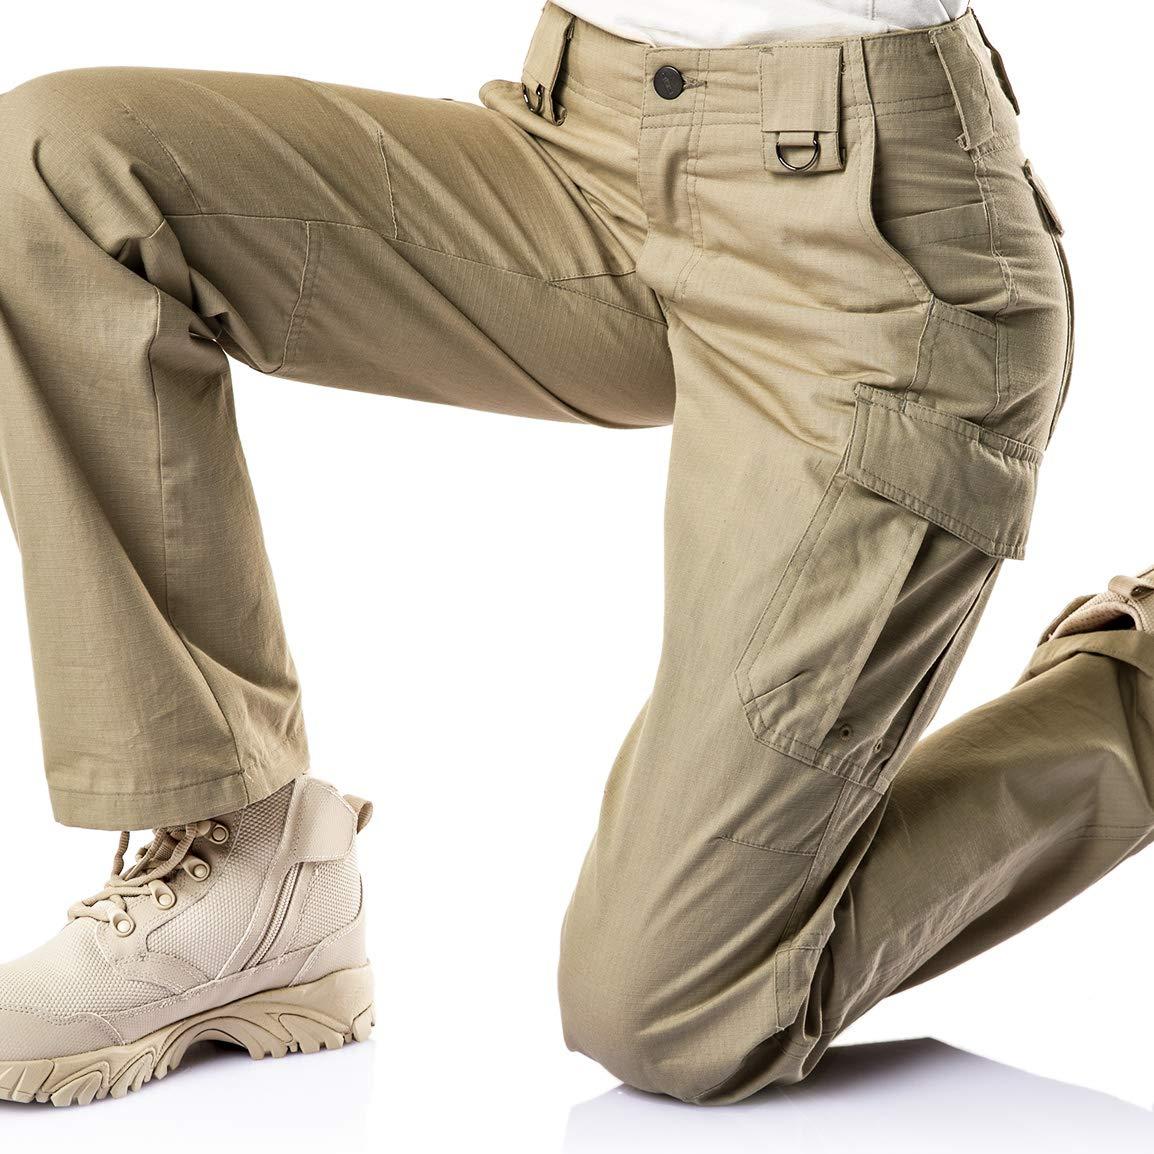 CQR CQ-WFP510-KHK_14/Long Women's Flex Stretch Tactical Long Pants Lightweight EDC Assault Cargo wiith Multi Pockets WFP510 by CQR (Image #8)